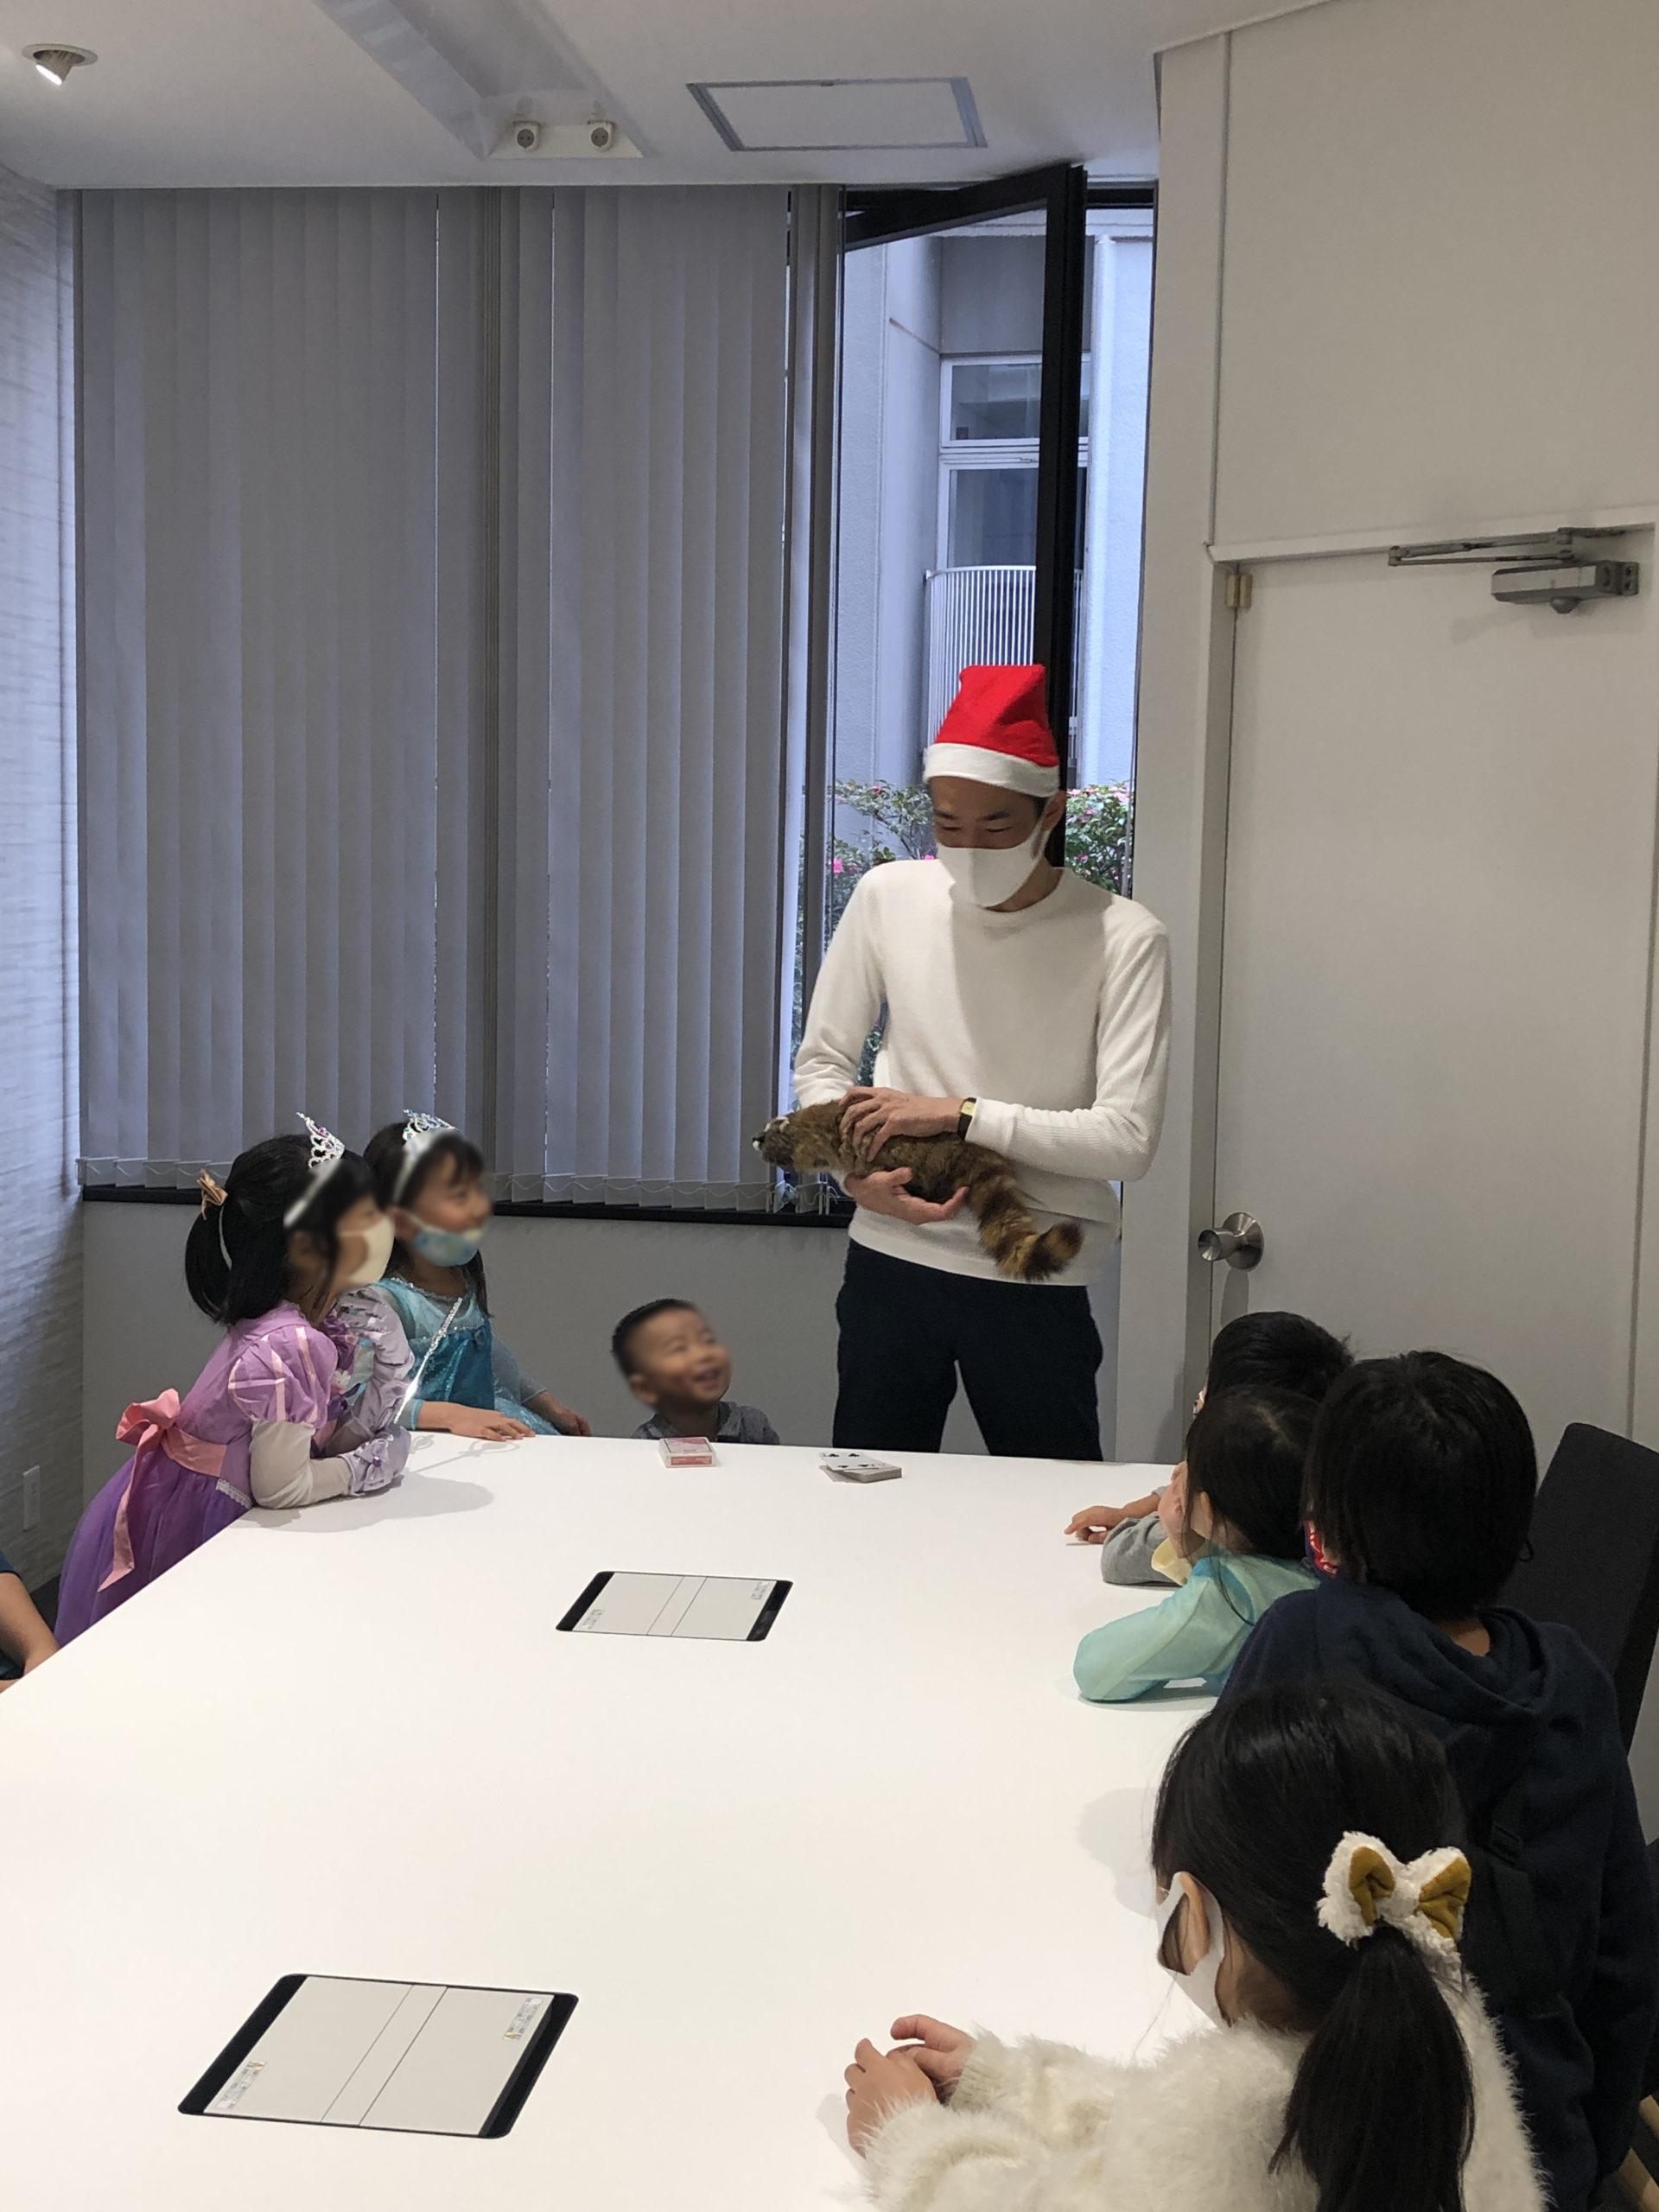 ロッキー生き返る 子供向け 企業のファミリークリスマスパーティーでマジシャンのマジックショー 東京都千代田区